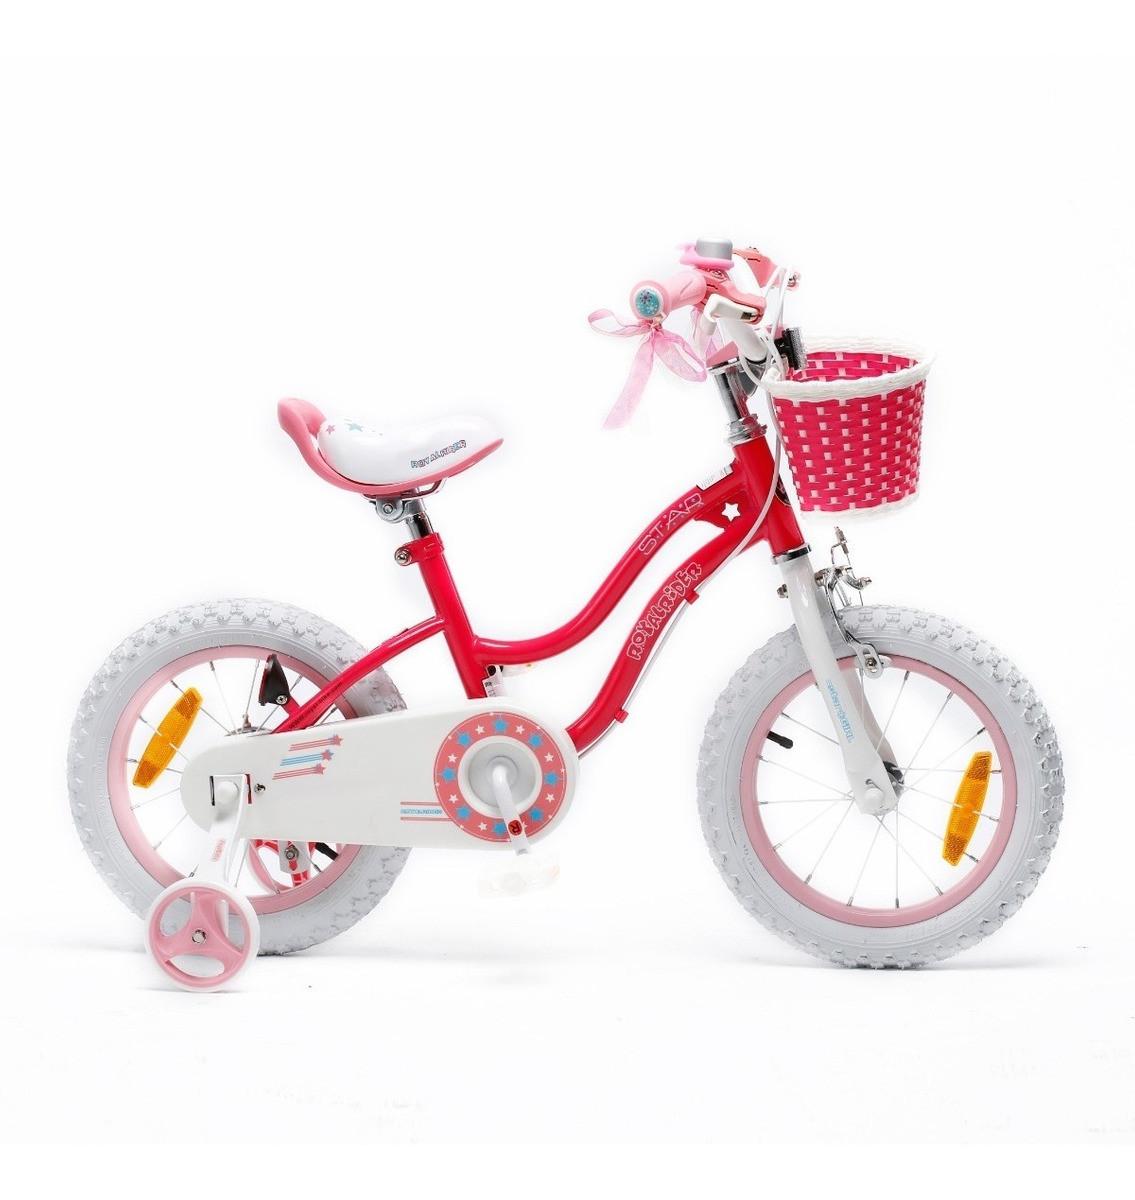 Bicicleta Infantil Royal Baby Star Girl Rodado 12